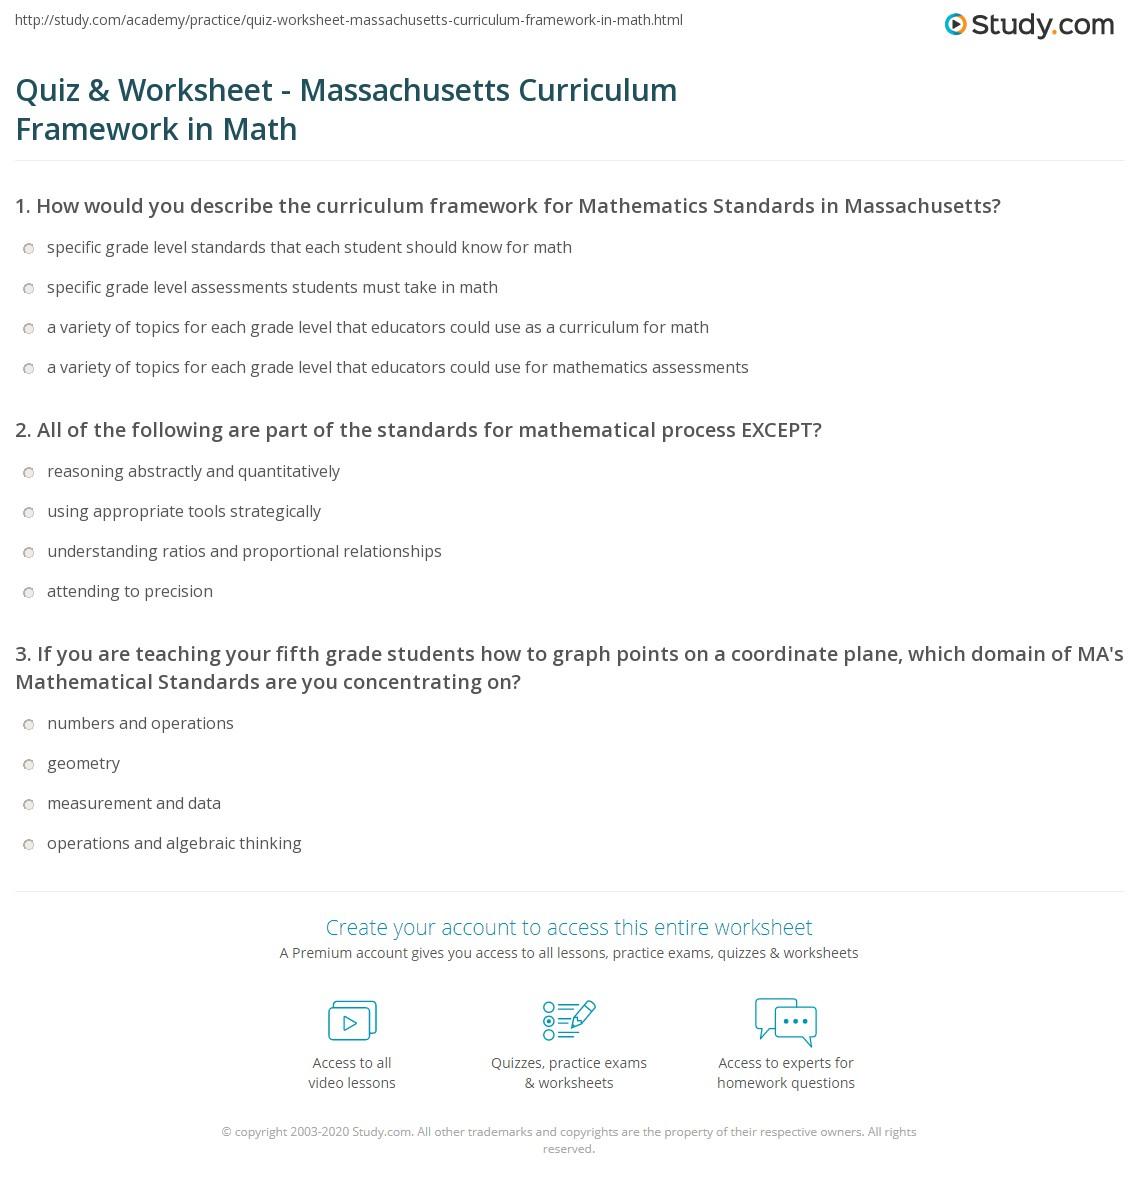 Quiz Worksheet Massachusetts Curriculum Framework In Math